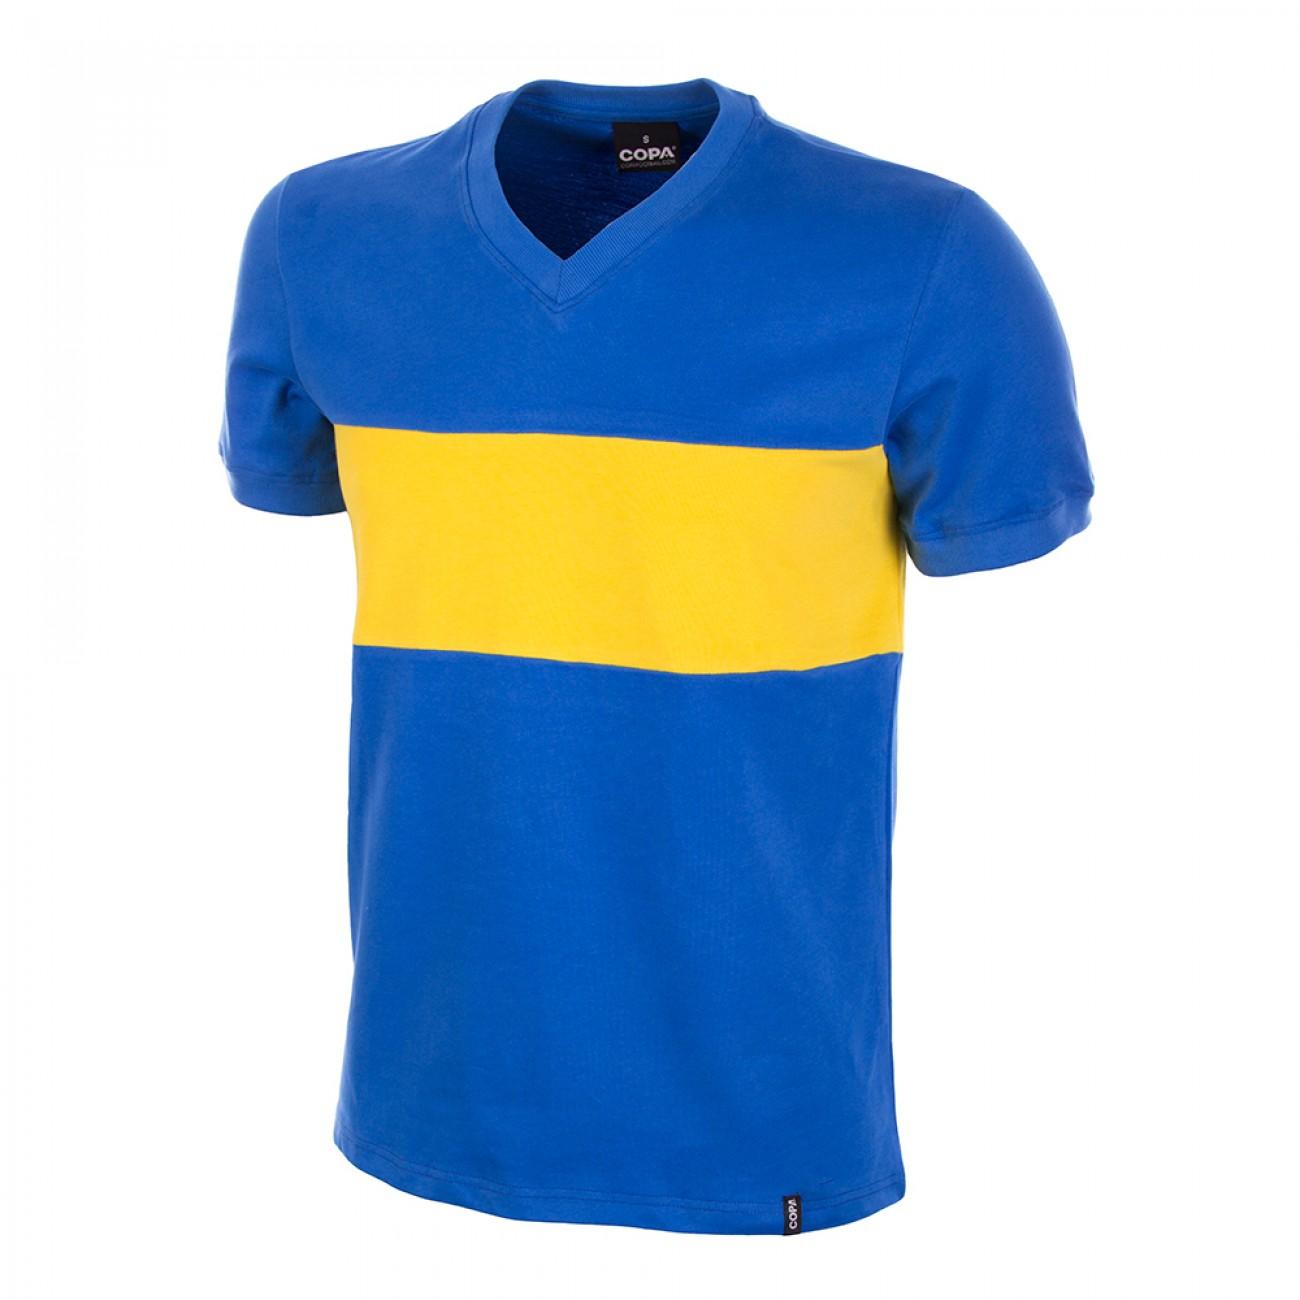 http://www.retrofootball.es/ropa-de-futbol/camiseta-boca-a-os-60.html